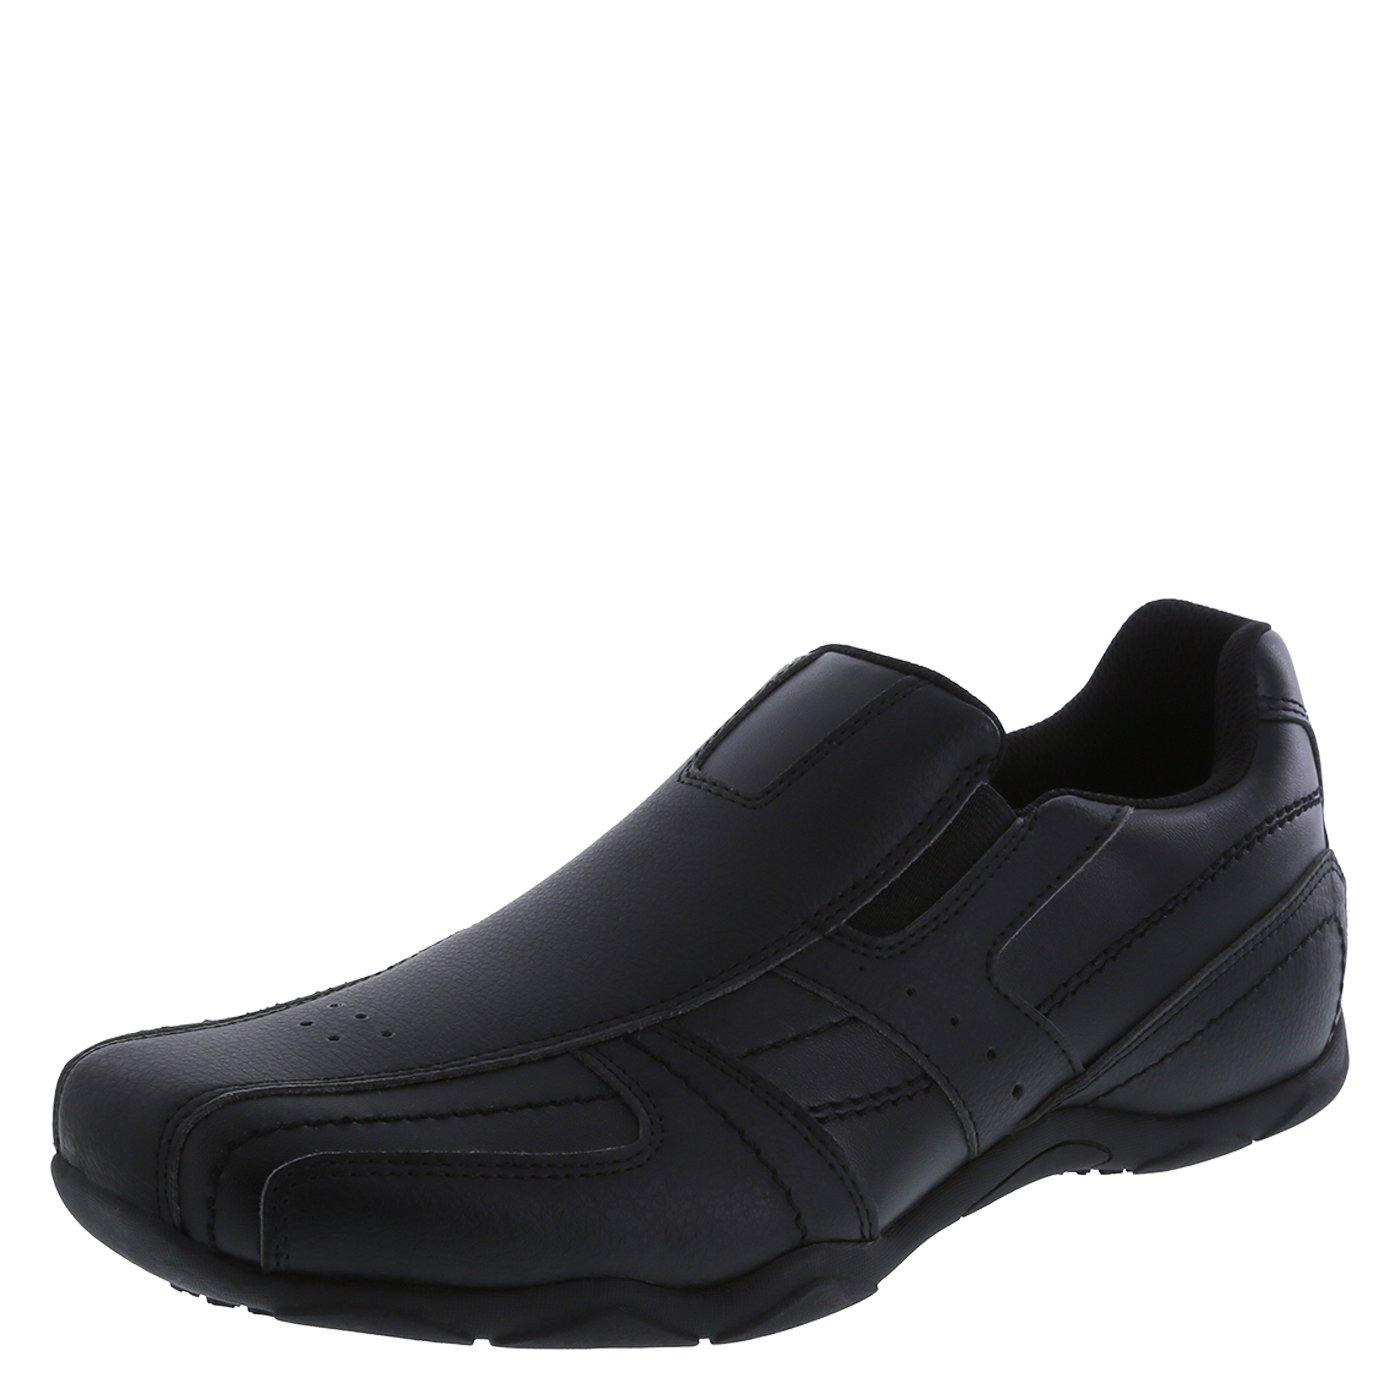 safeTstep Slip Resistant Men's Black Men's Simon Slip-On 11 Regular by safeTstep